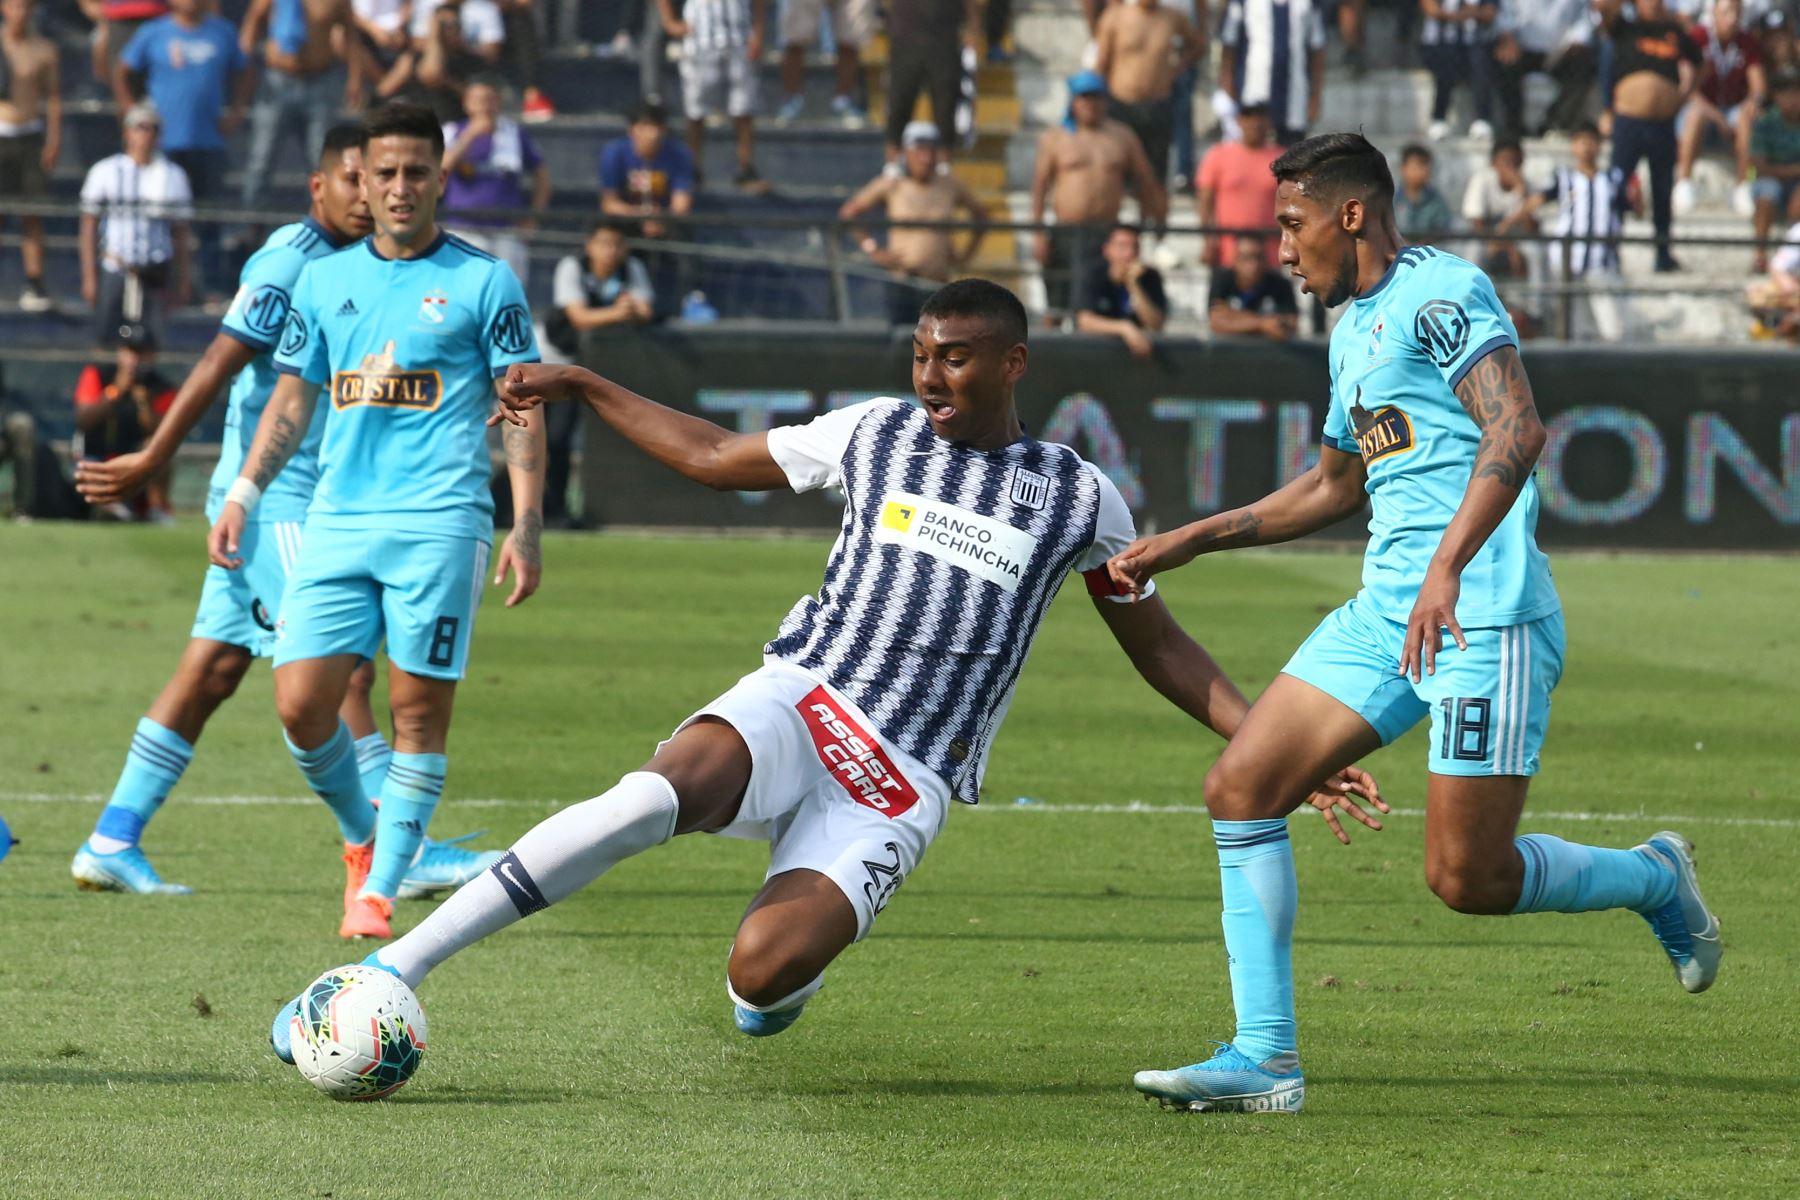 Aldair Fuentes de  Alianza Lima disputa el balón ante Cristofer Gonzales  de Cristal en el partido de ida por la semifinal del play off de la Liga 1. Foto: ANDINA/Vidal Tarqui